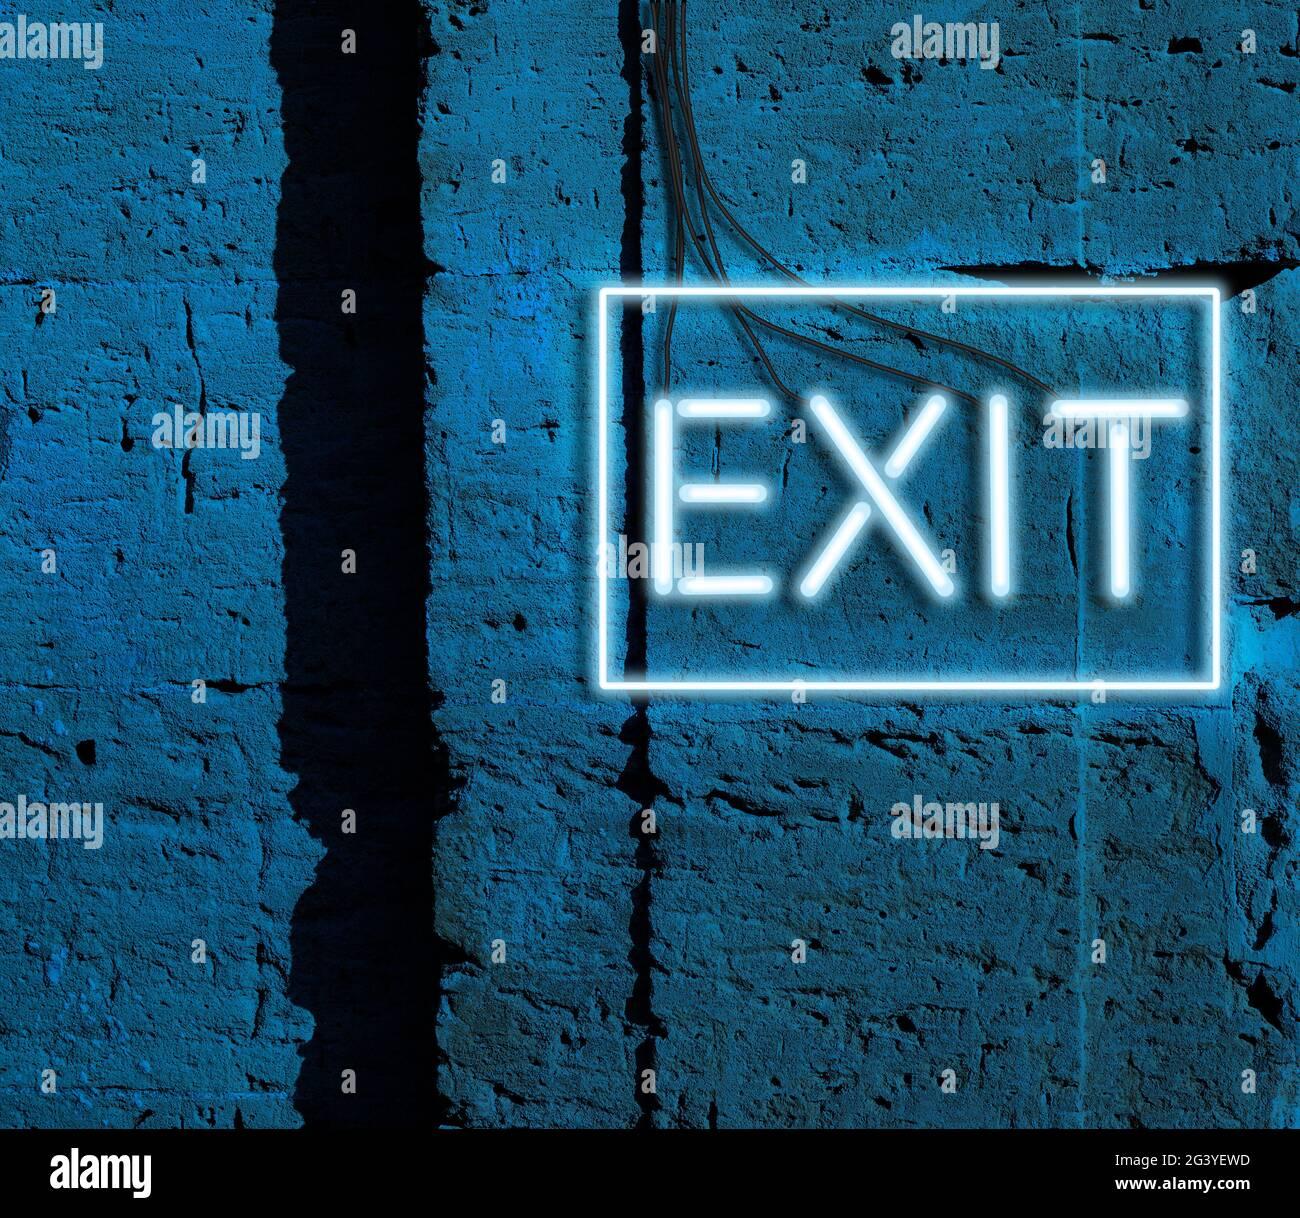 Salida de inscripción de lámparas brillantes de neón azul cuelga en una pared de ladrillo Foto de stock